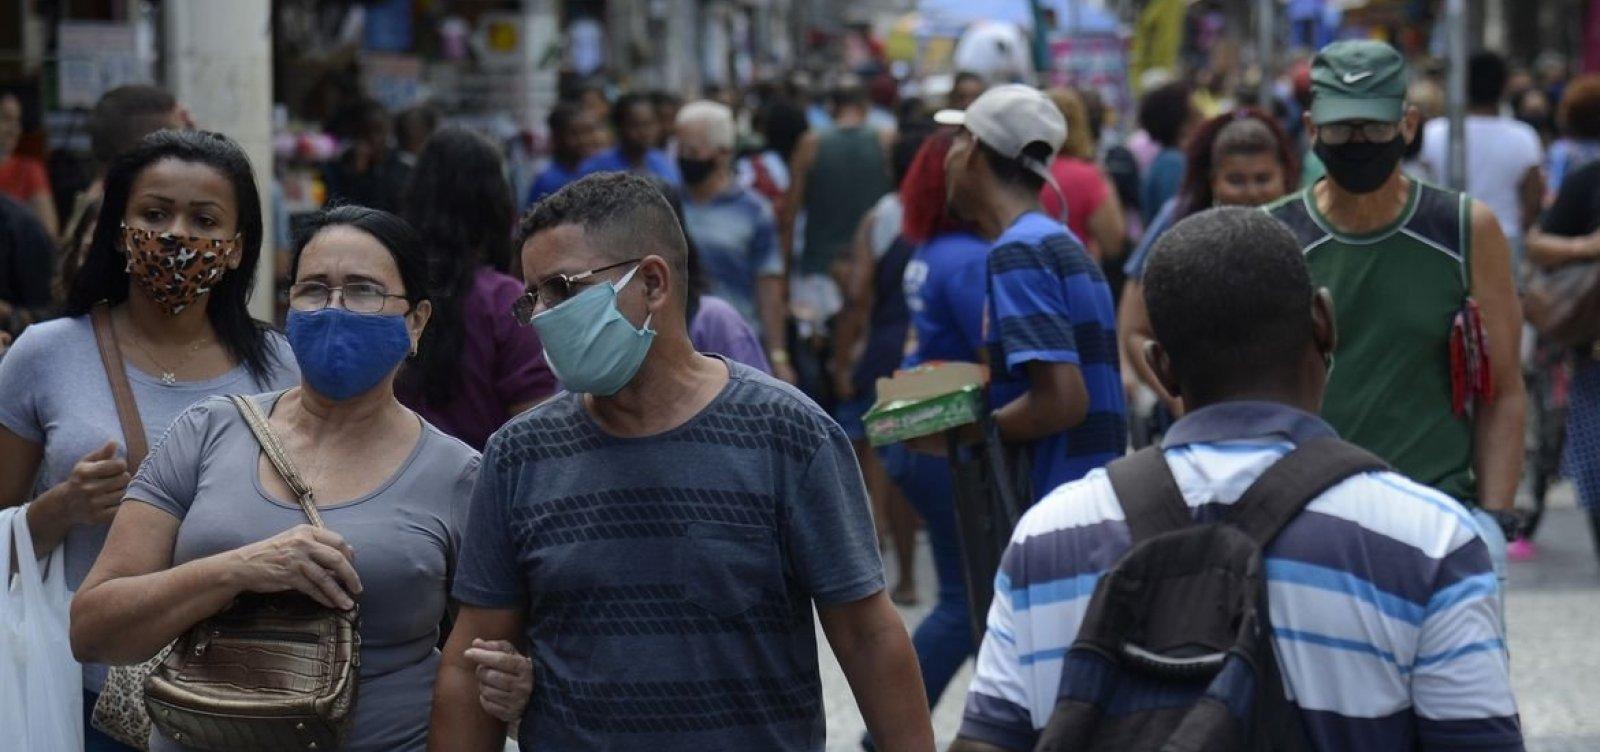 Estado do Rio regulamenta a dispensa do uso de máscara em locais abertos